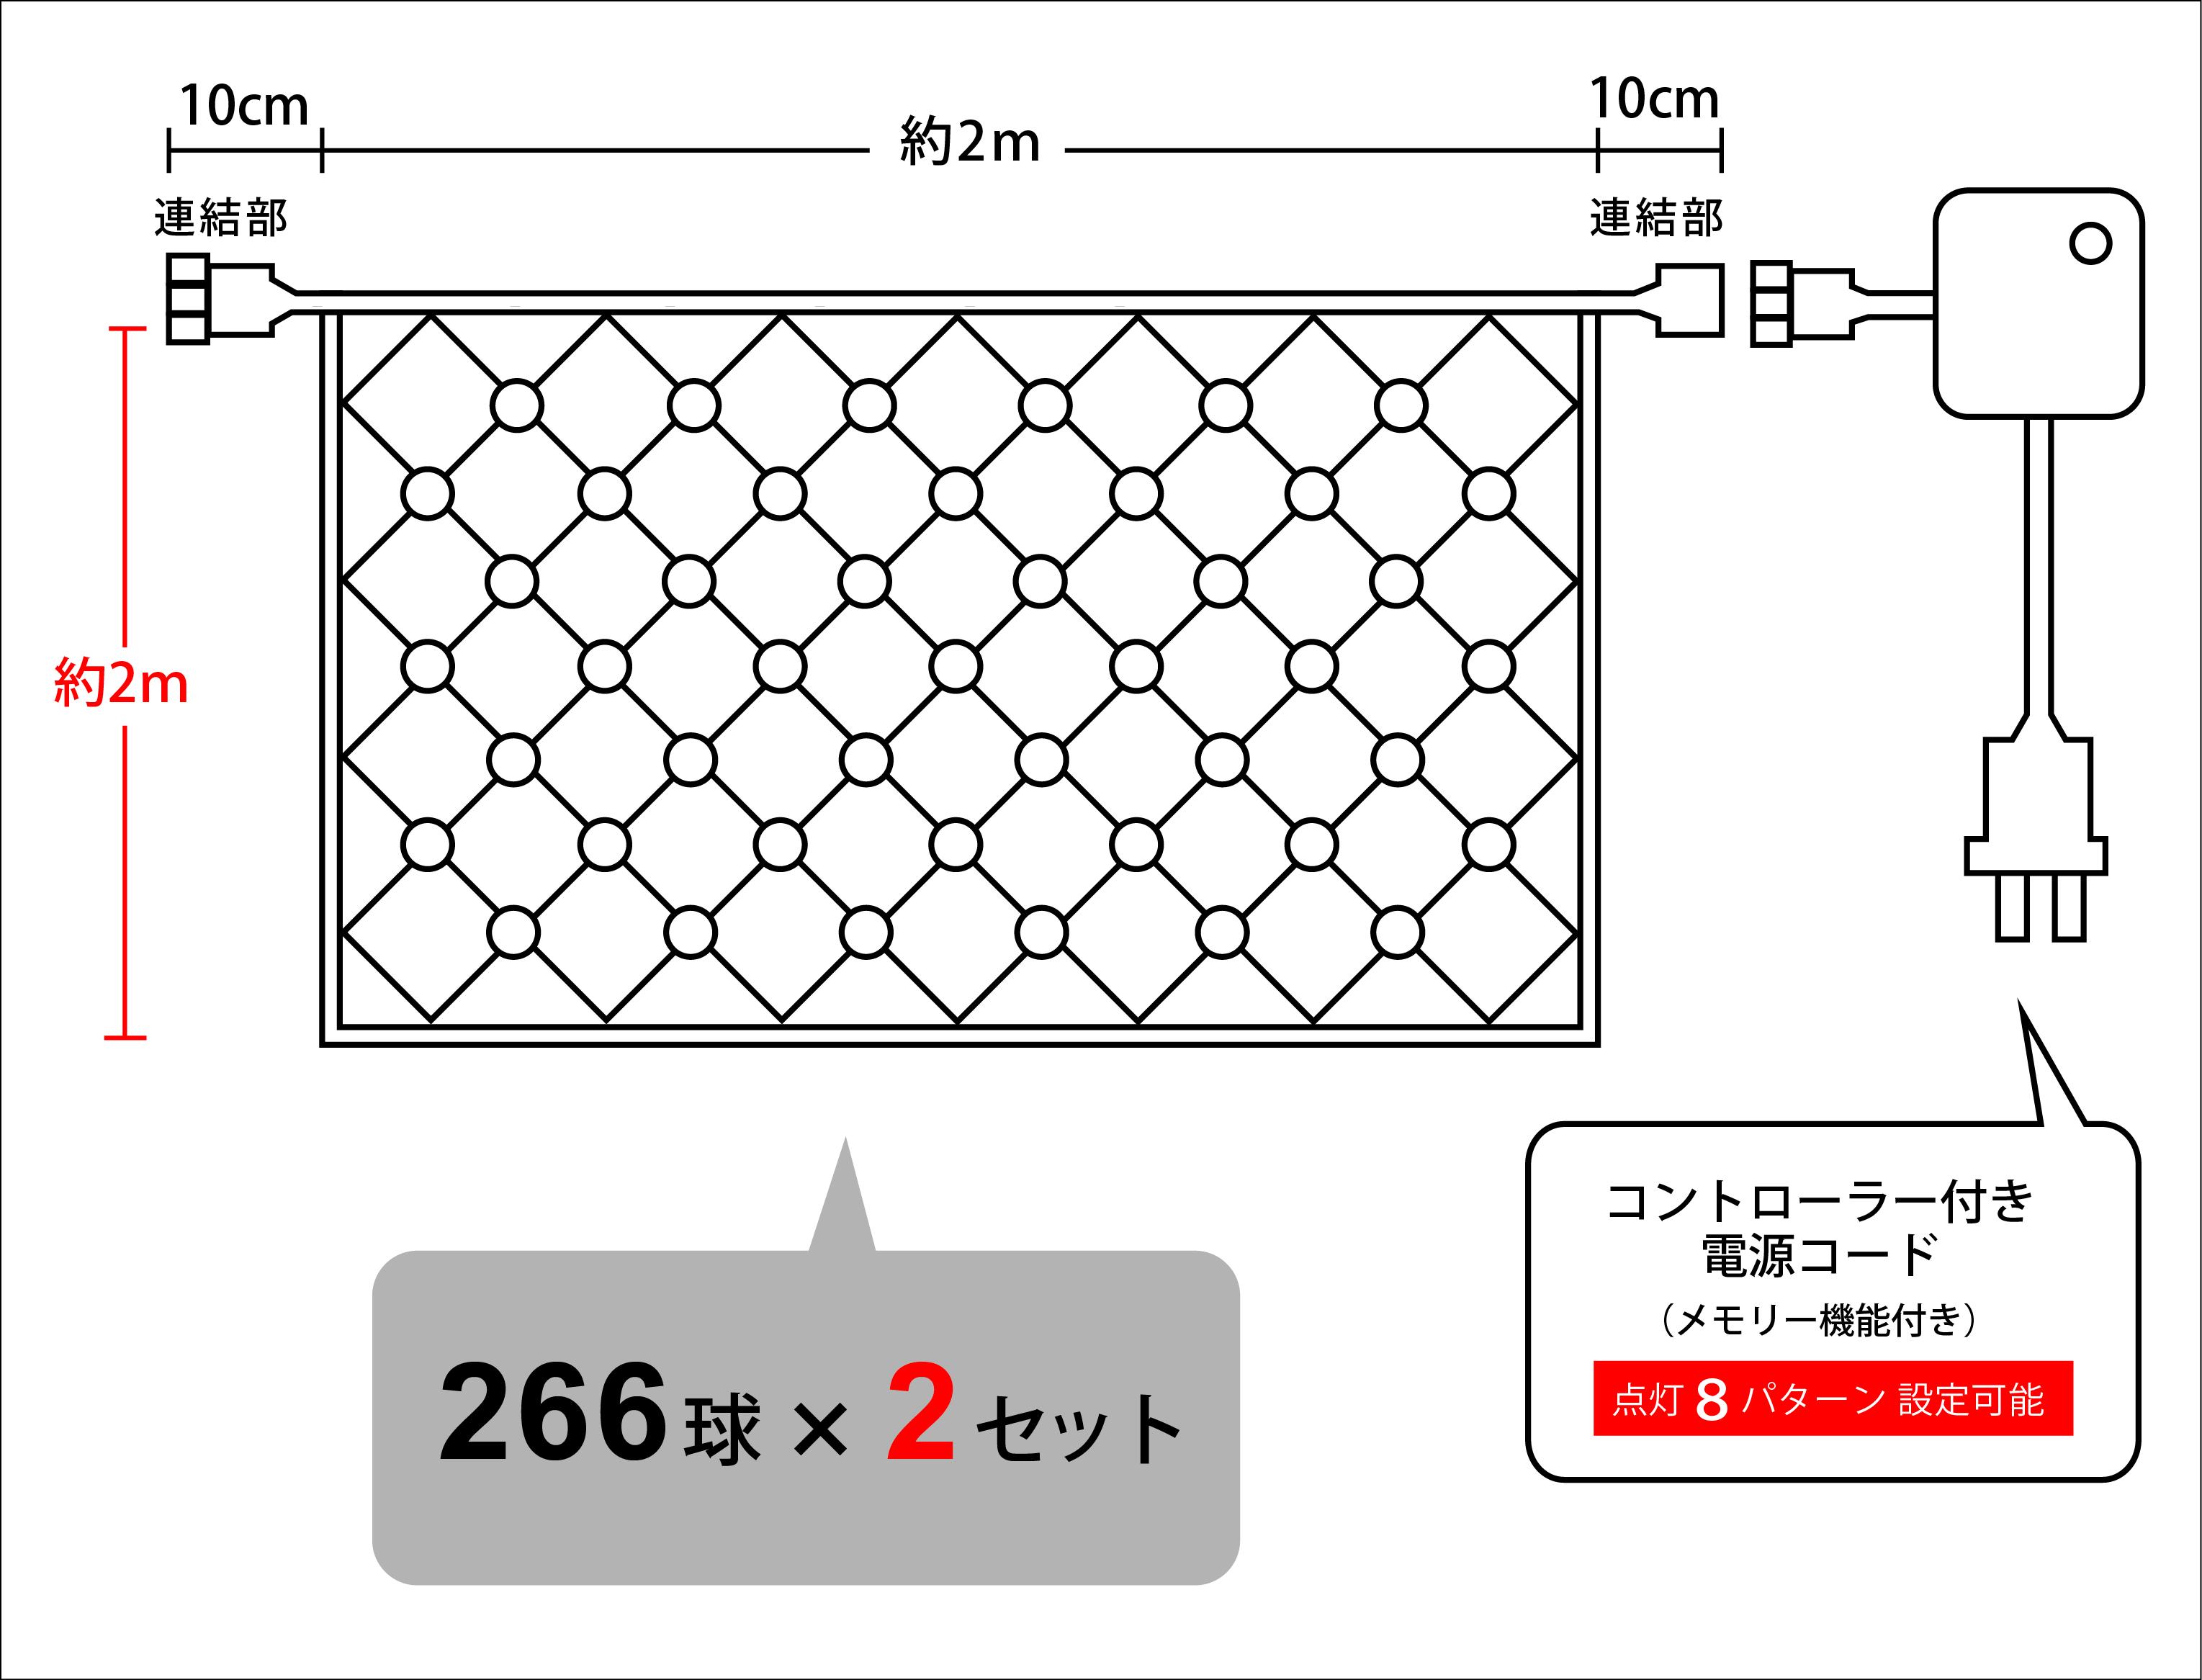 イルミネーションネットライトHV 設計図